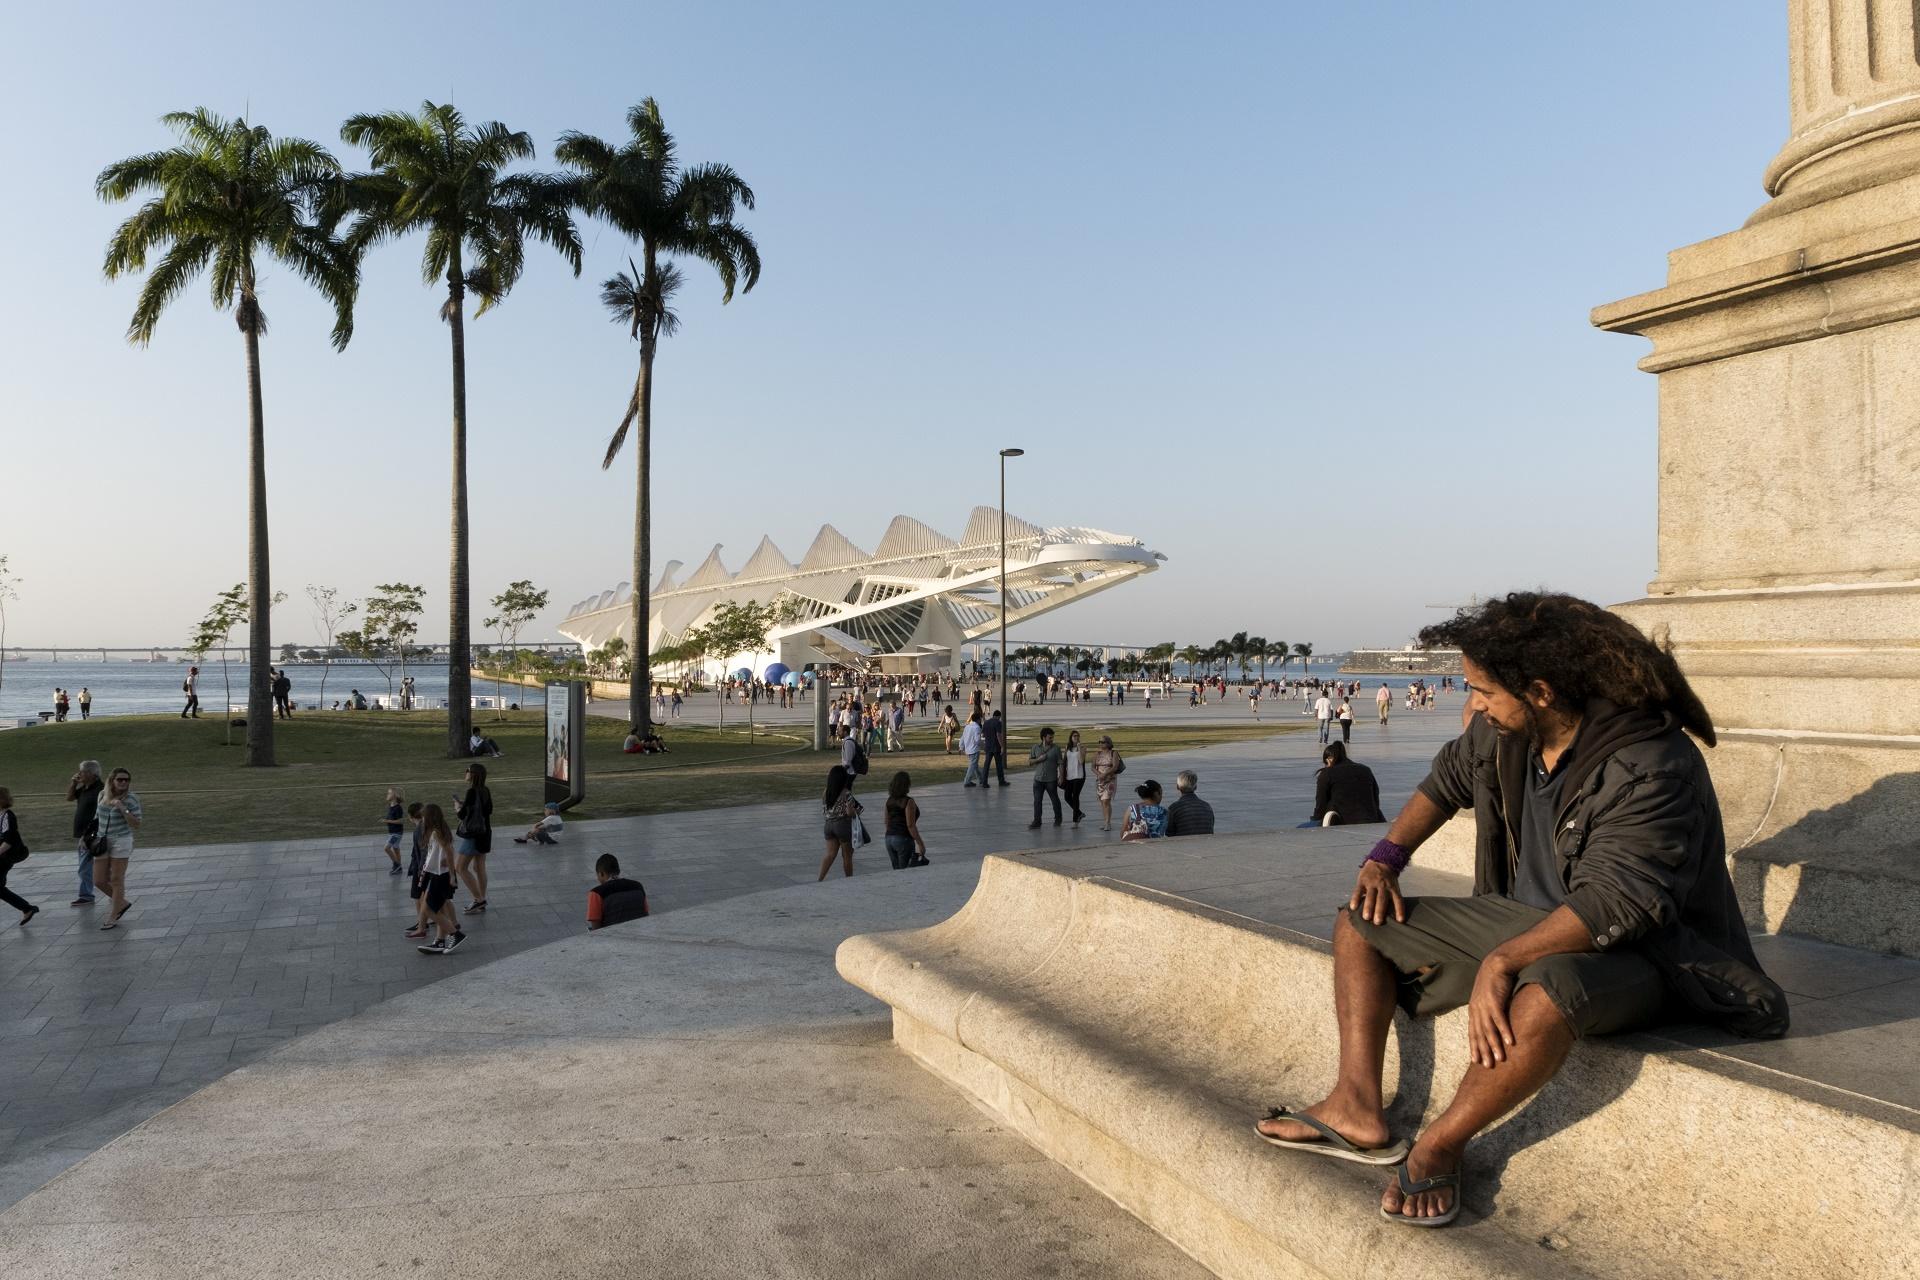 Um homem sentado num monumento observa as pessoas passeando em torno do Museu do Amanhã. Foto de Peter Bauza/DPA